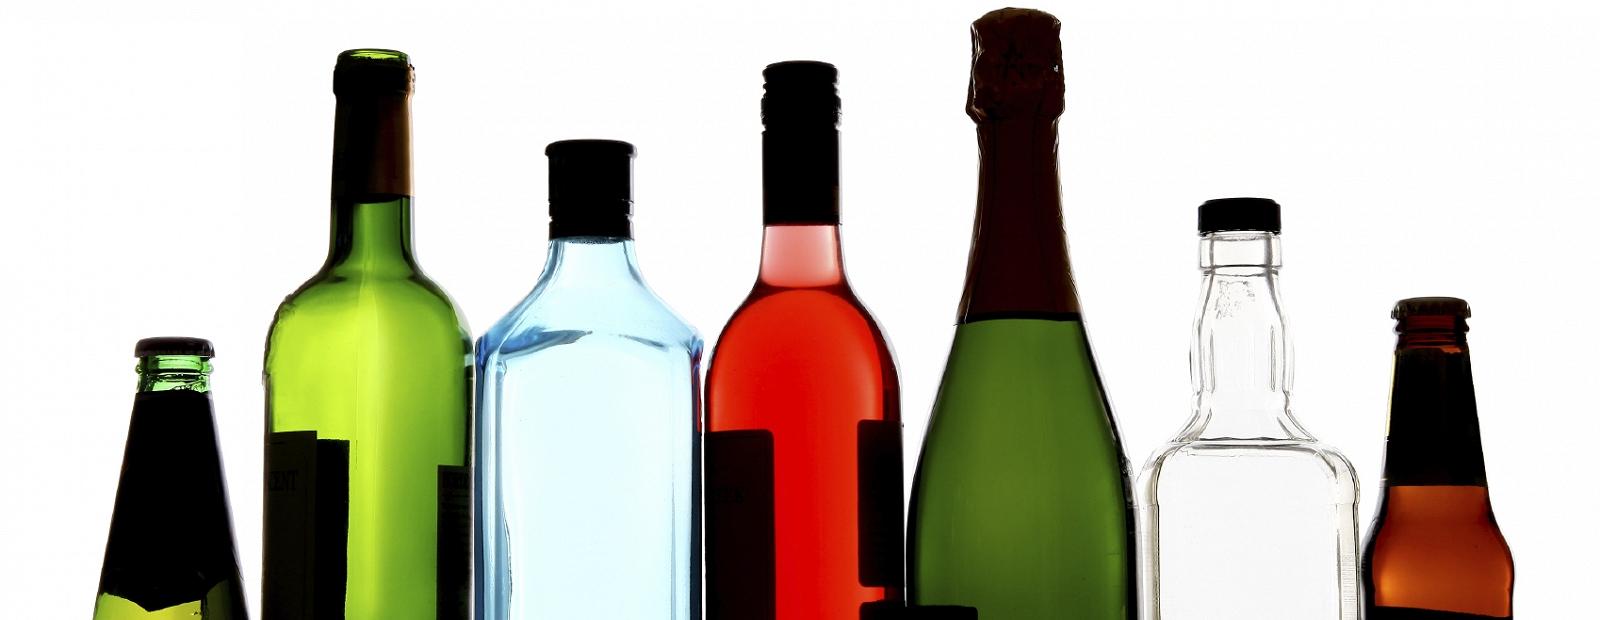 Грешат продажей алкоголя несовершеннолетним